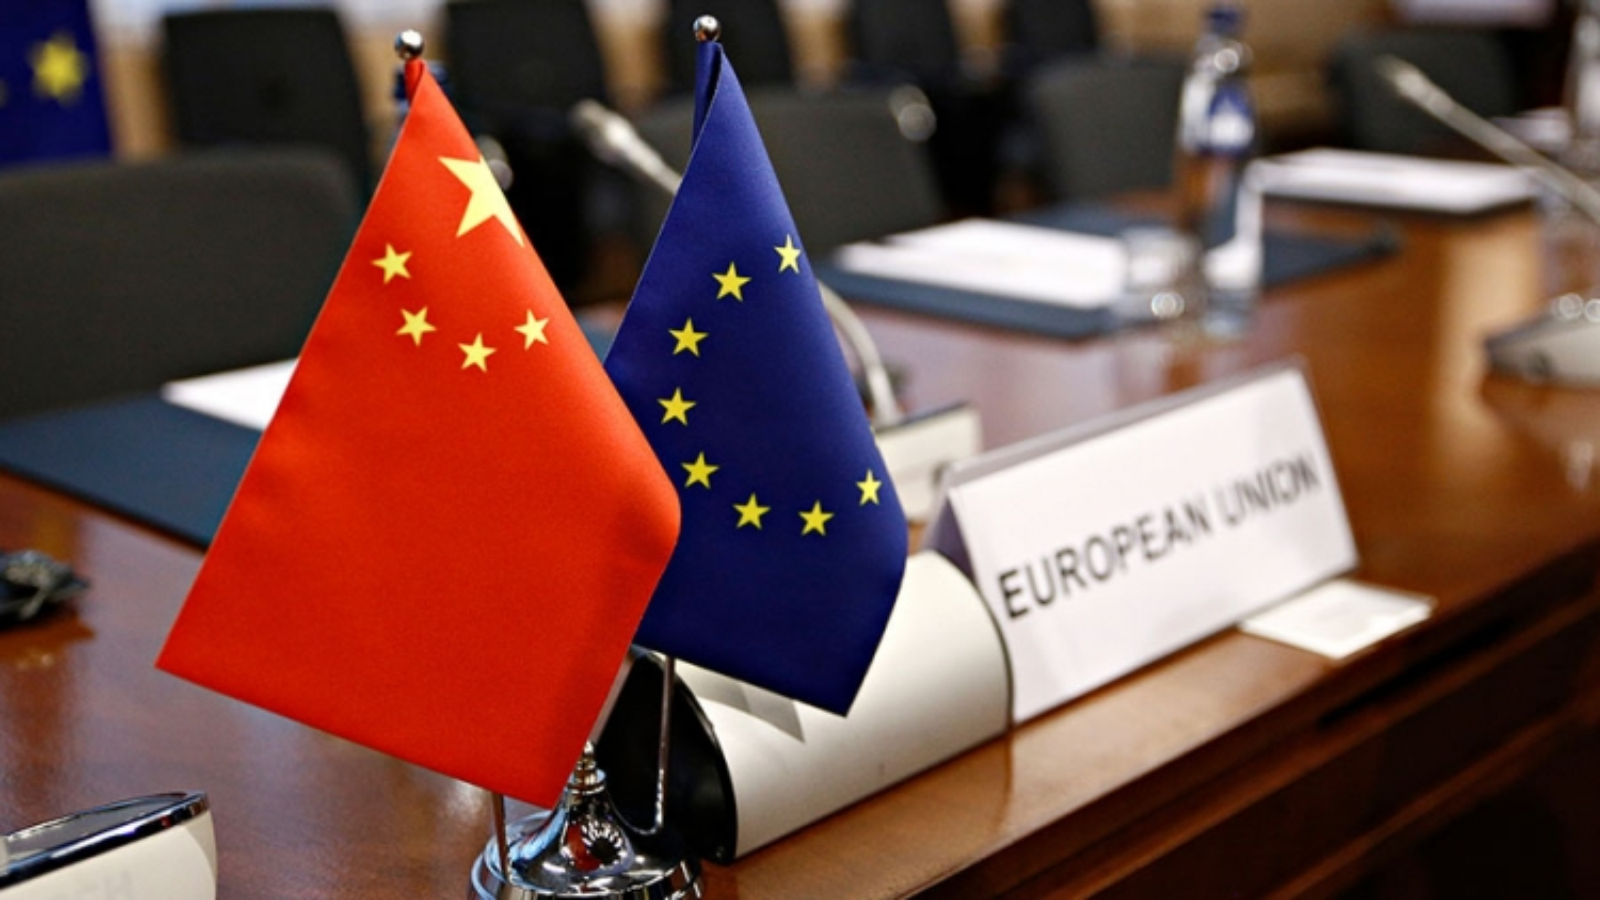 Trung Quốc tuyên bố không sợ phương Tây phối hợp hành động